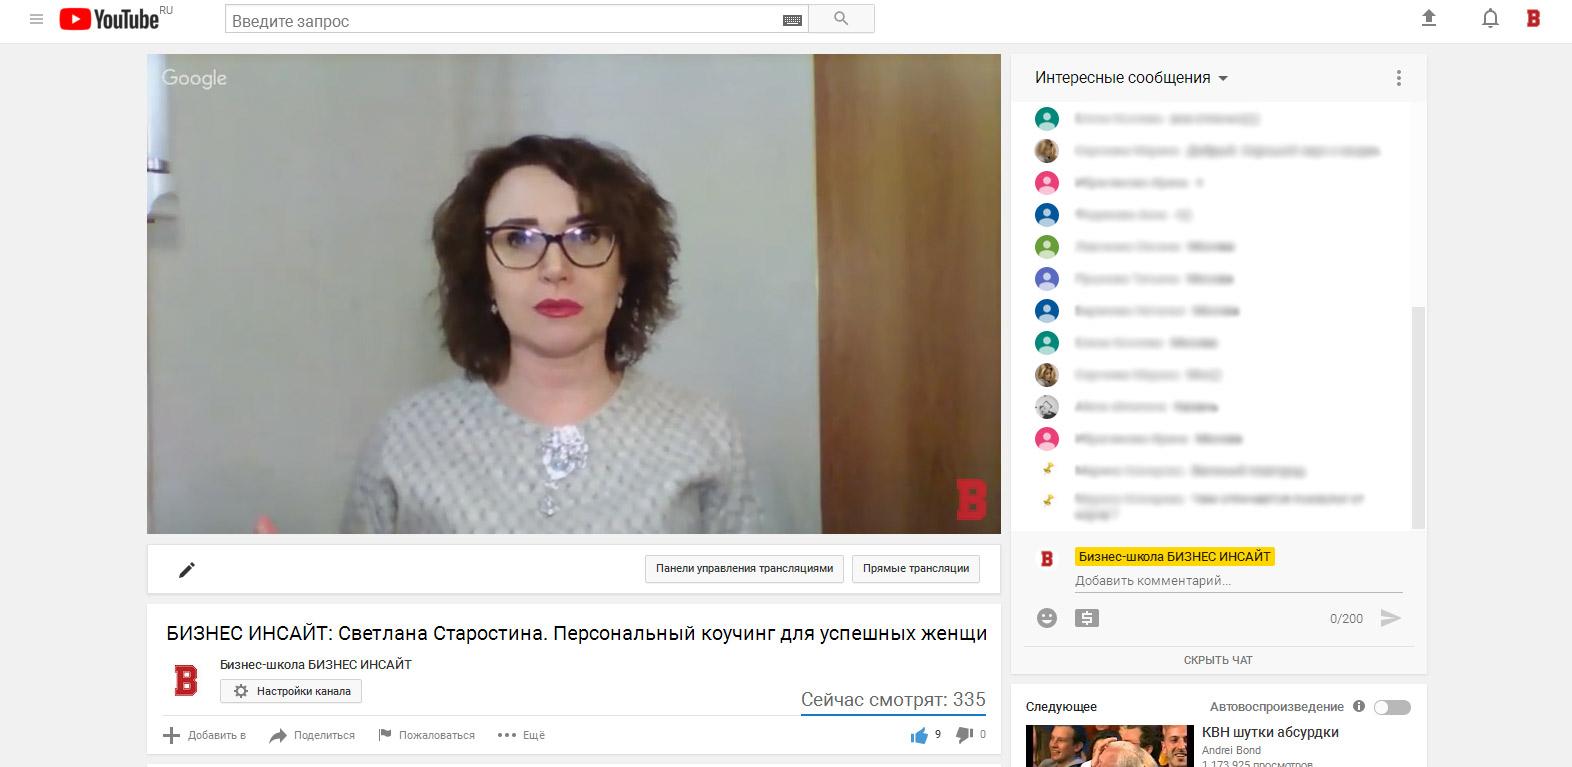 Старостина Светлана провела открытый (бесплатный) вебинар на площадке БИЗНЕС ИНСАЙТ